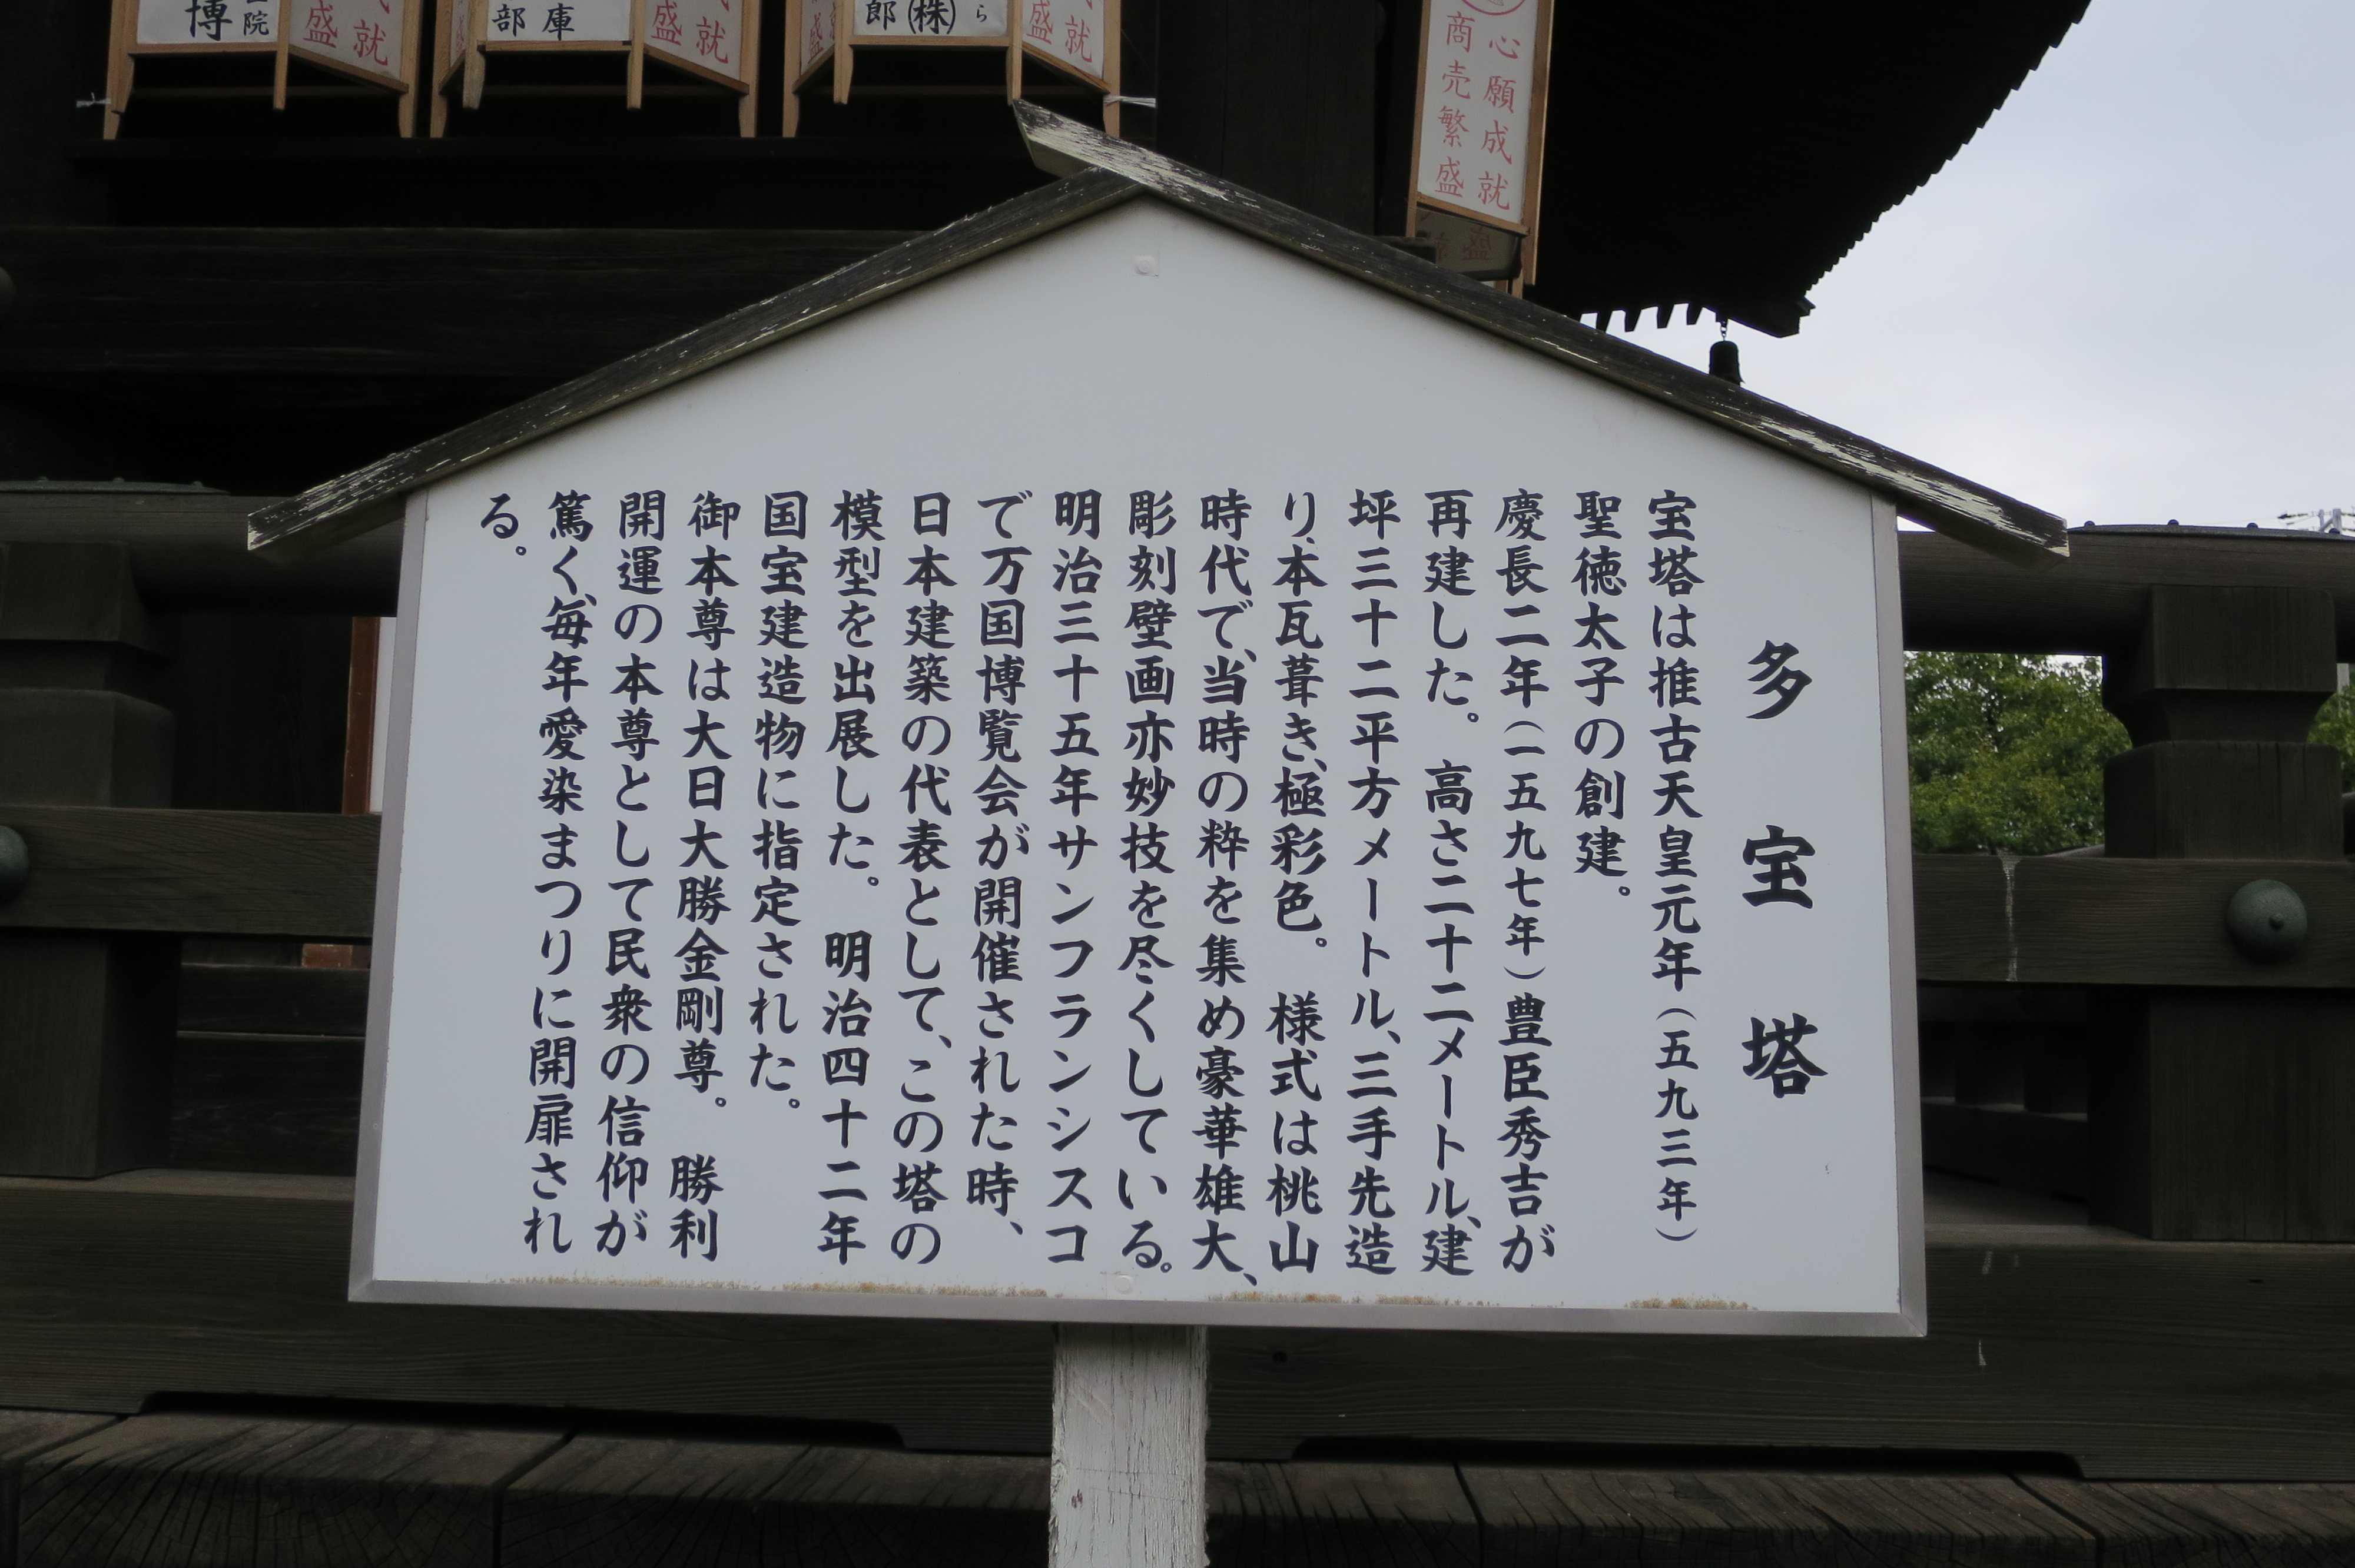 勝鬘院愛染堂 多宝塔の説明板